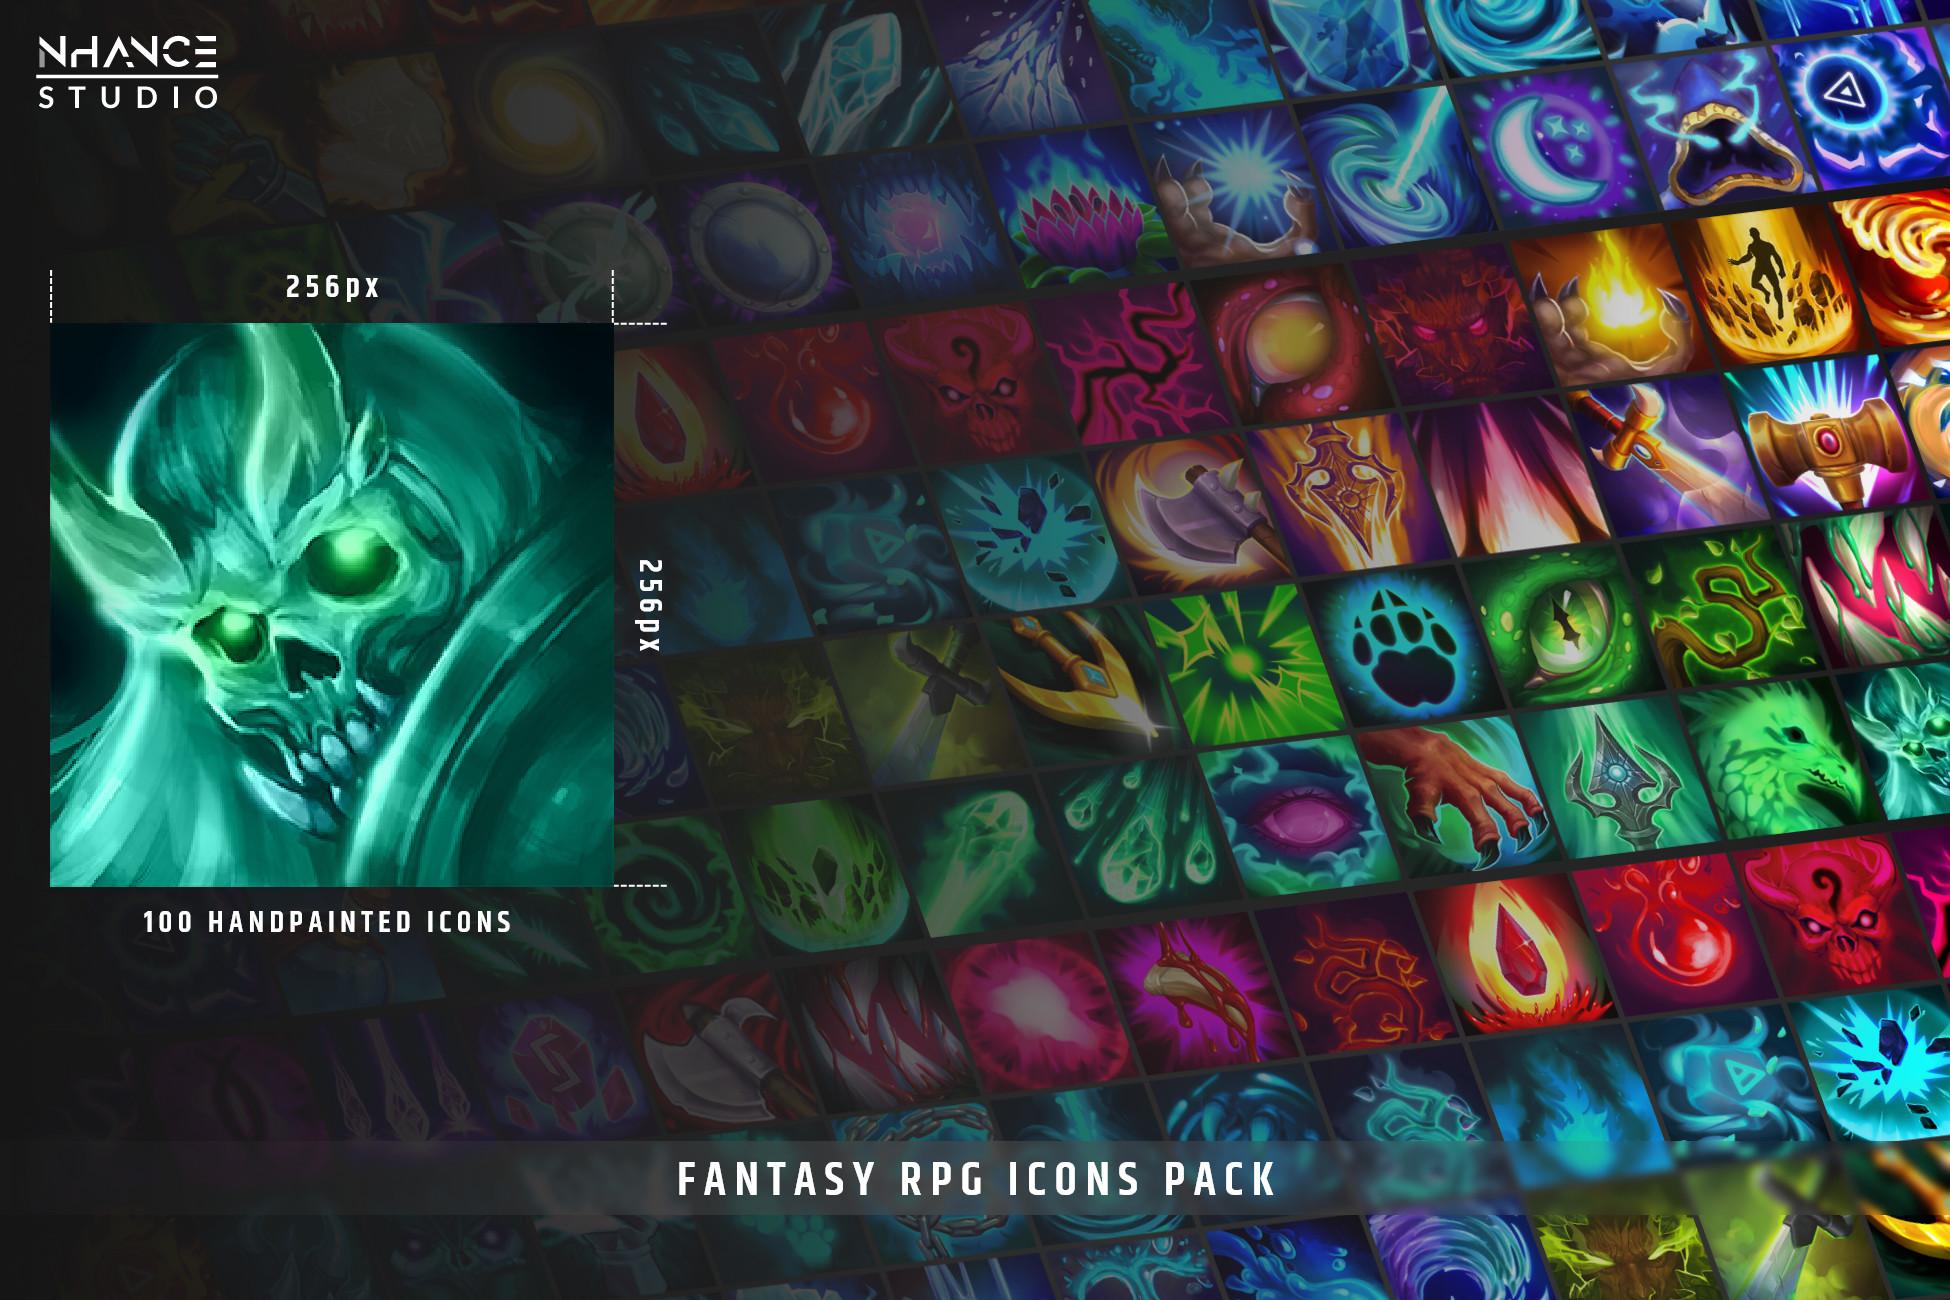 Fantasy RPG Icons Pack